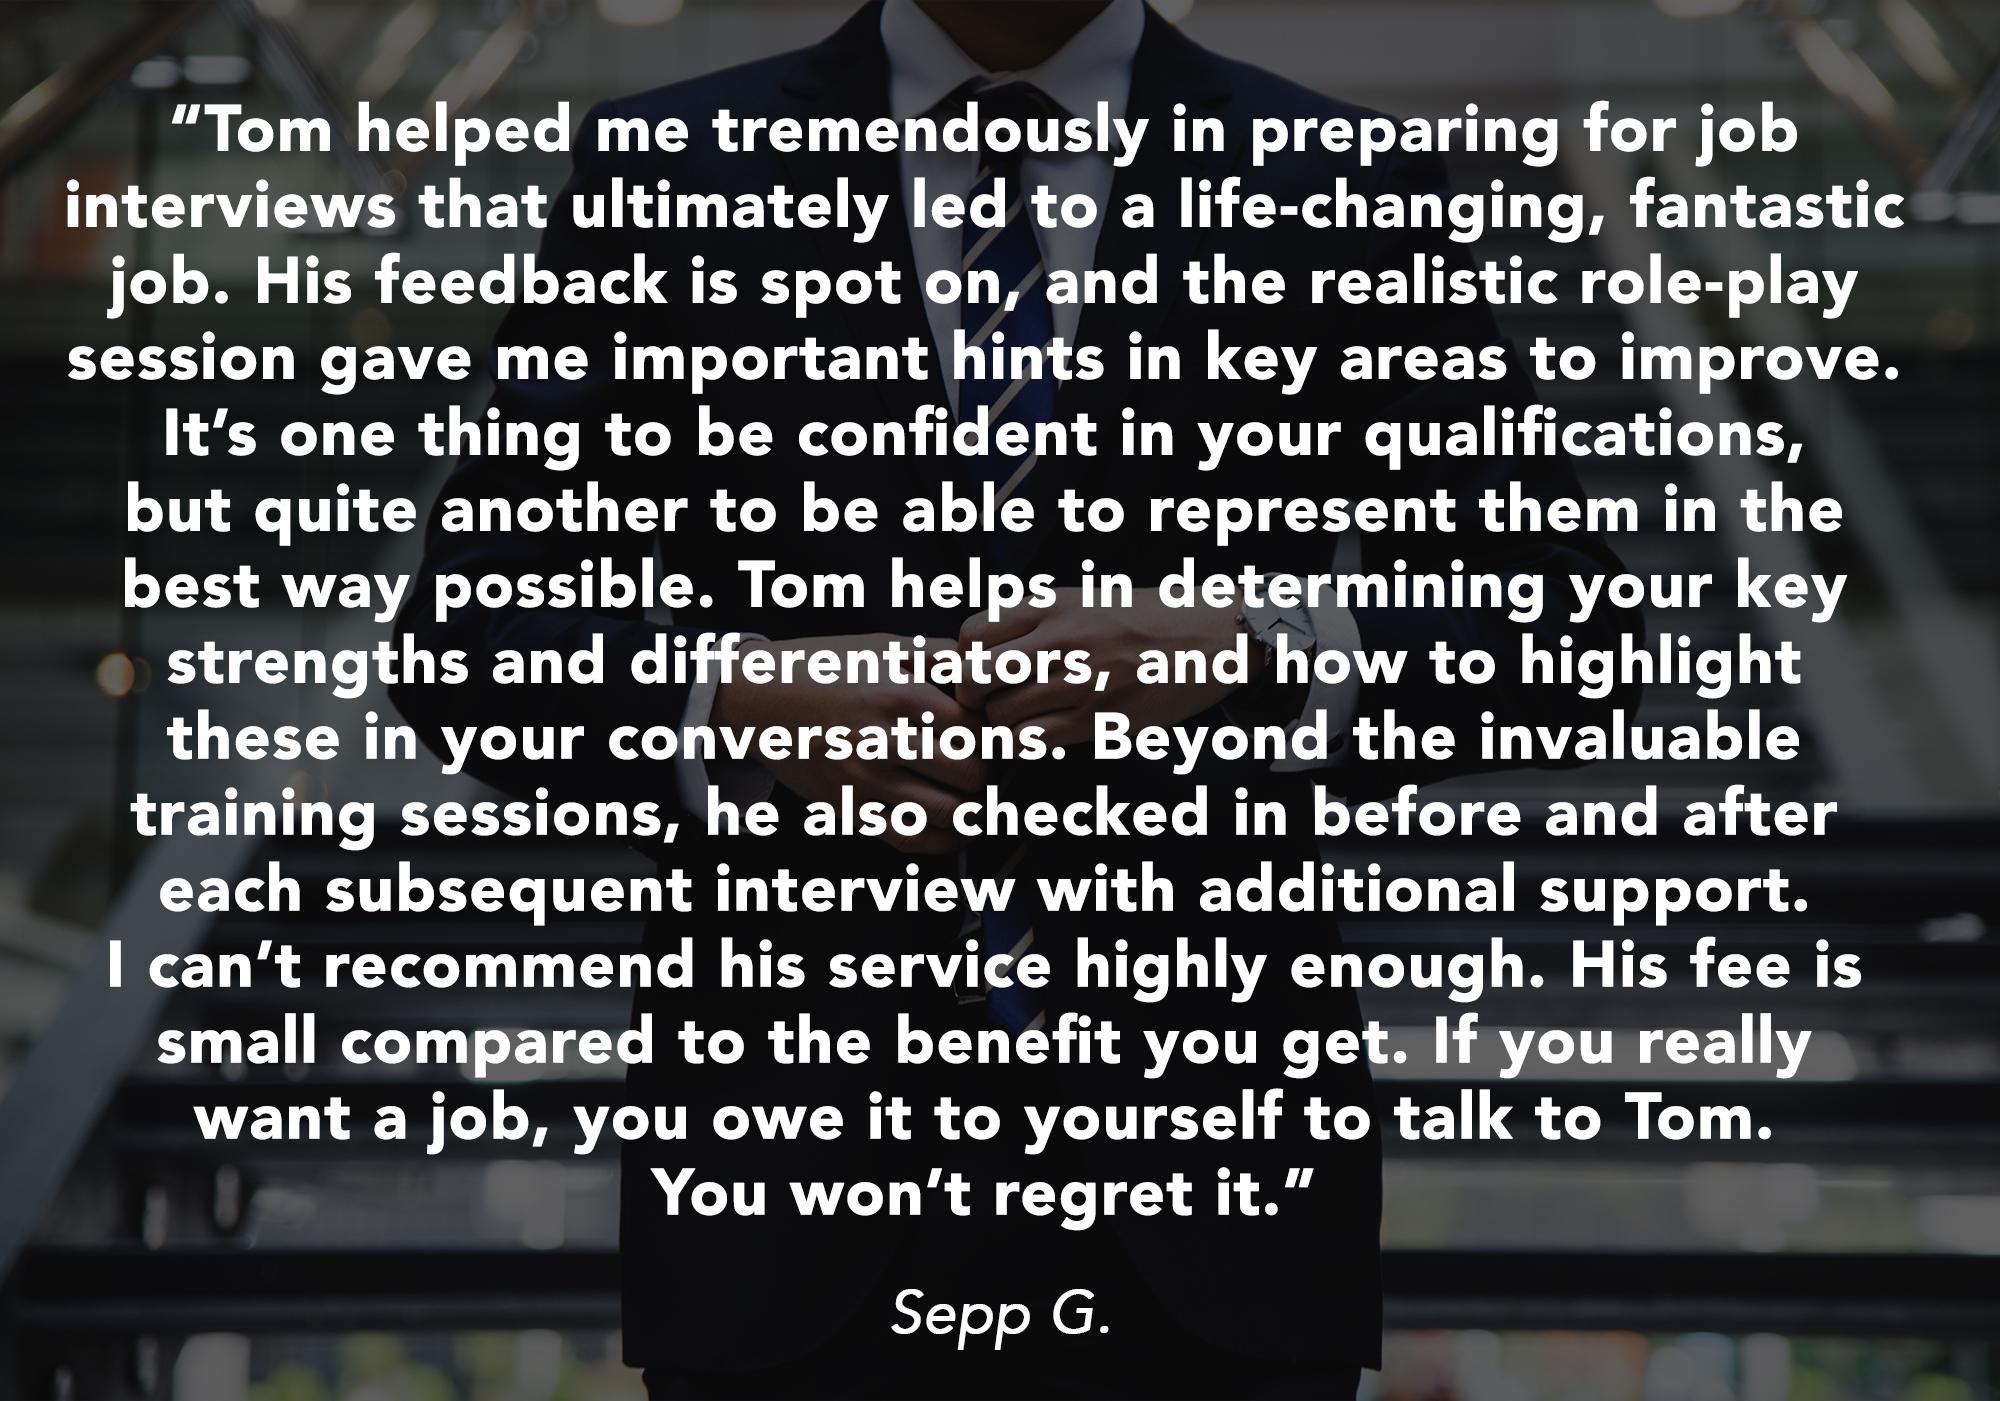 SeppG-Testimonial.jpg